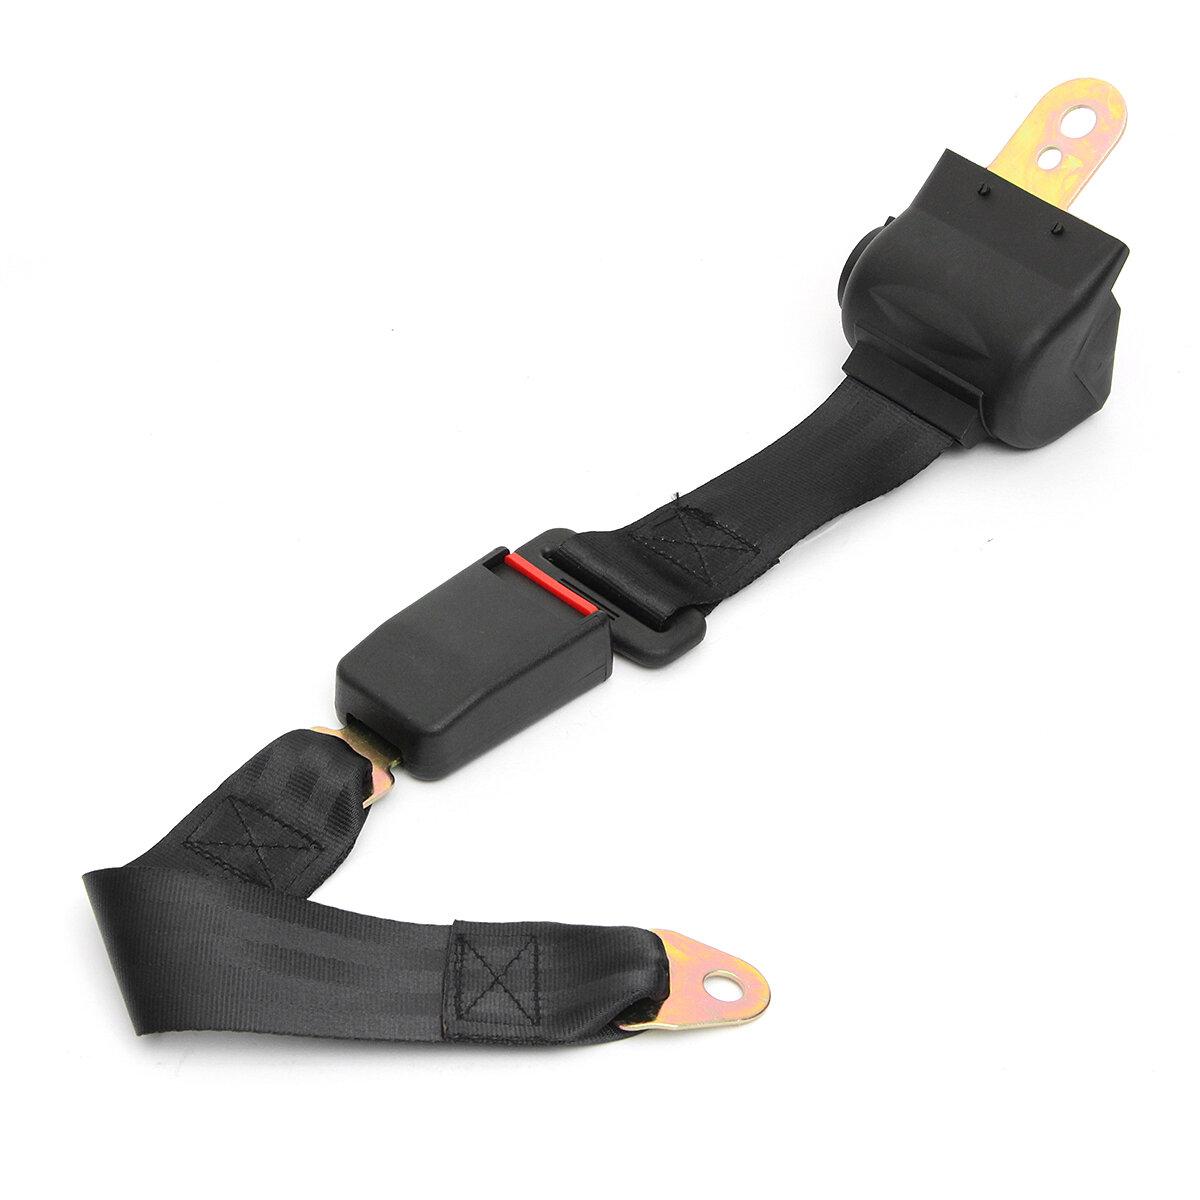 Universal Có thể điều chỉnh 2 điểm có thể thu vào dây an toàn Khóa dây an toàn